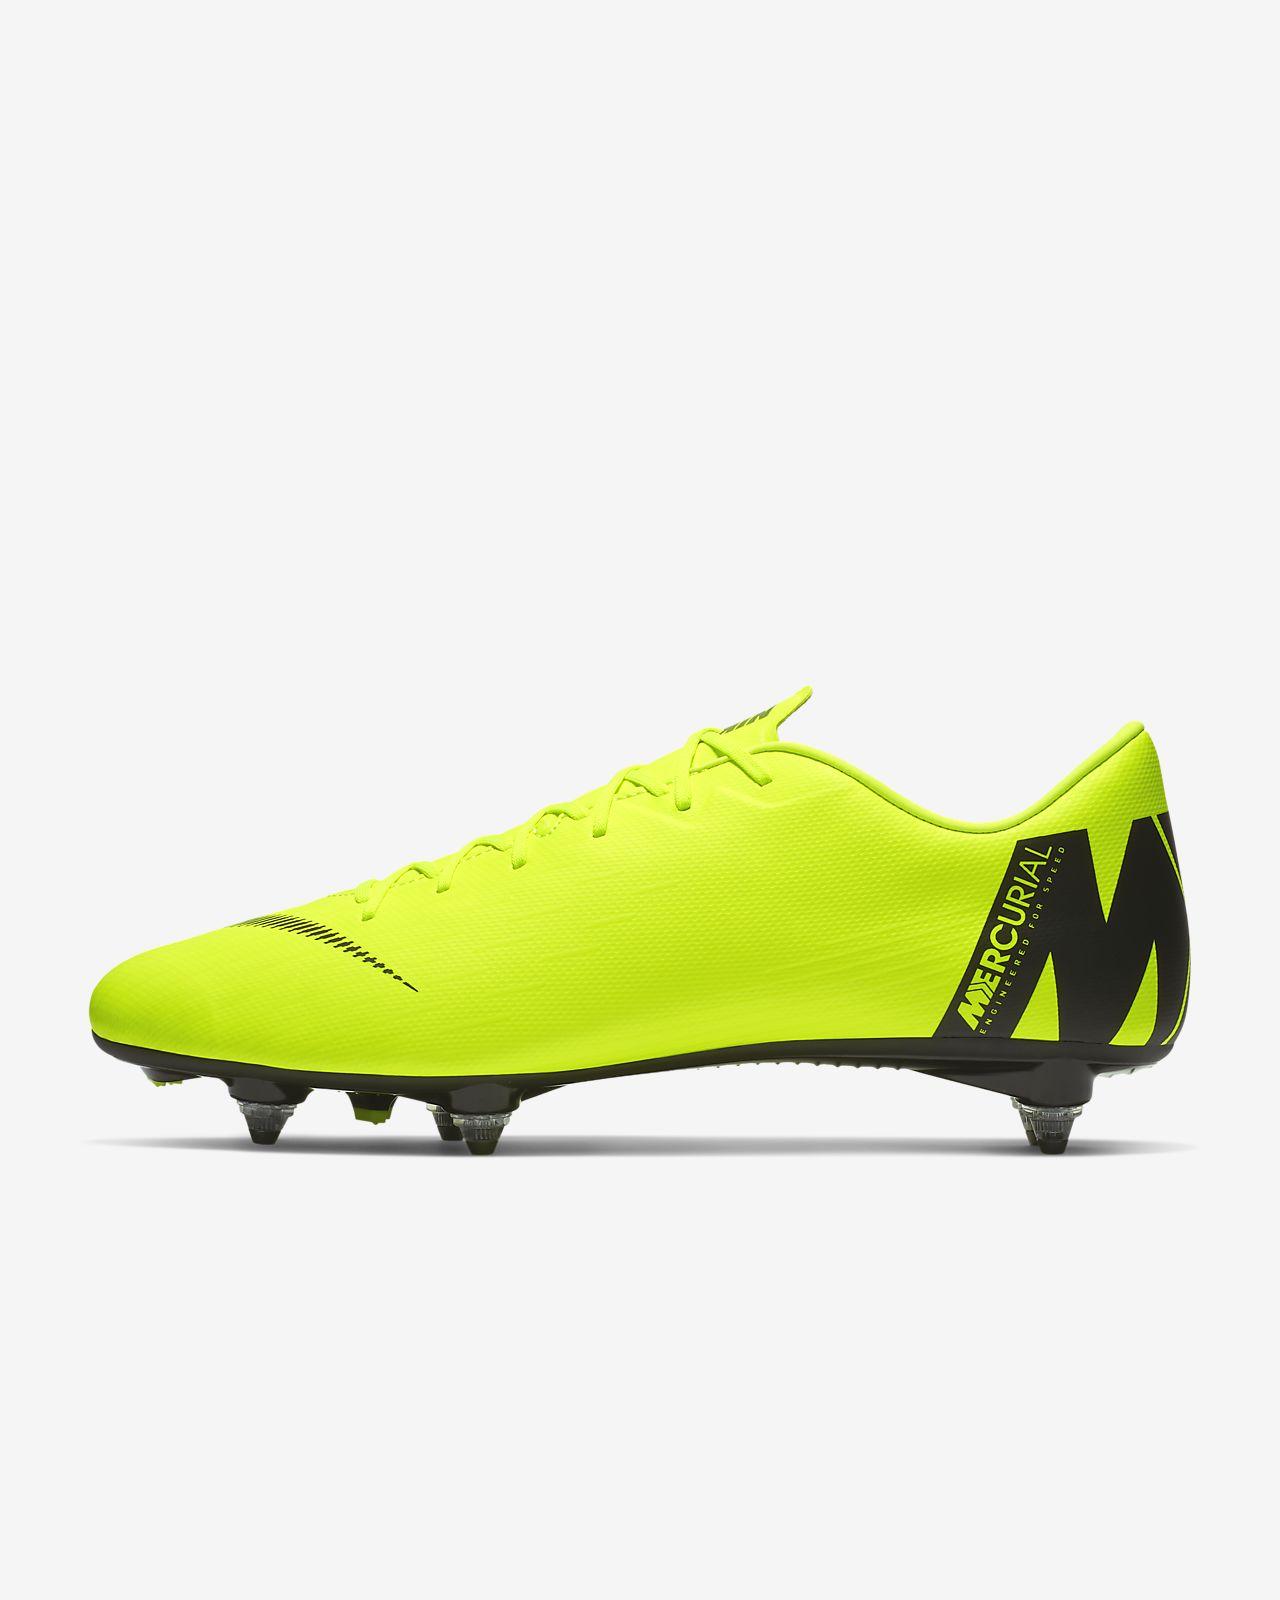 6ece10998c ... Chaussure de football à crampons pour terrain gras Nike Mercurial Vapor  XII Academy SG-PRO